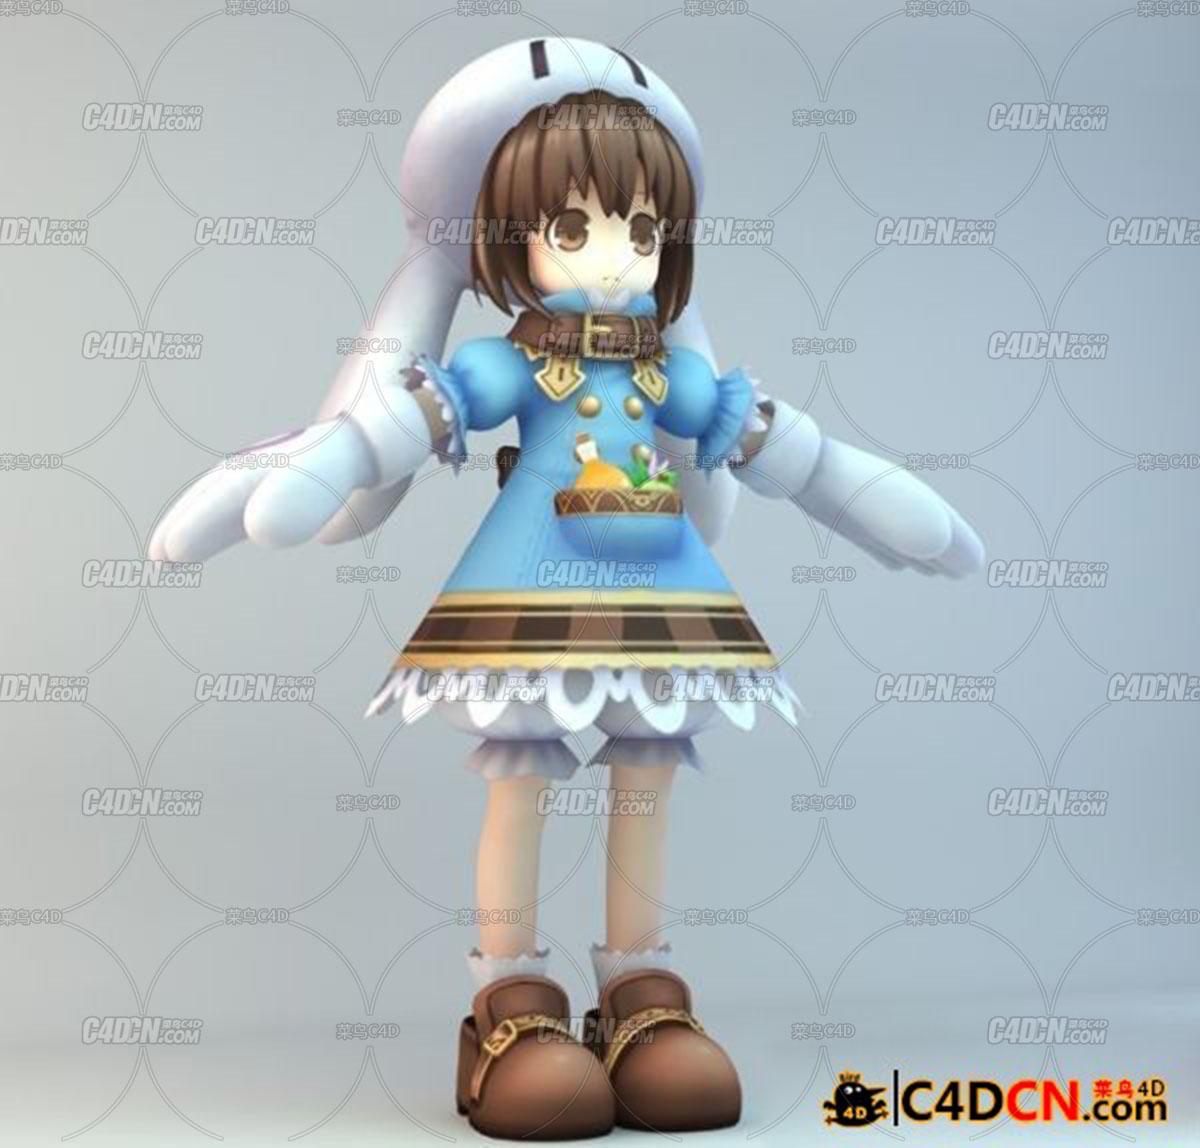 C4D含绑定萝莉模型一只